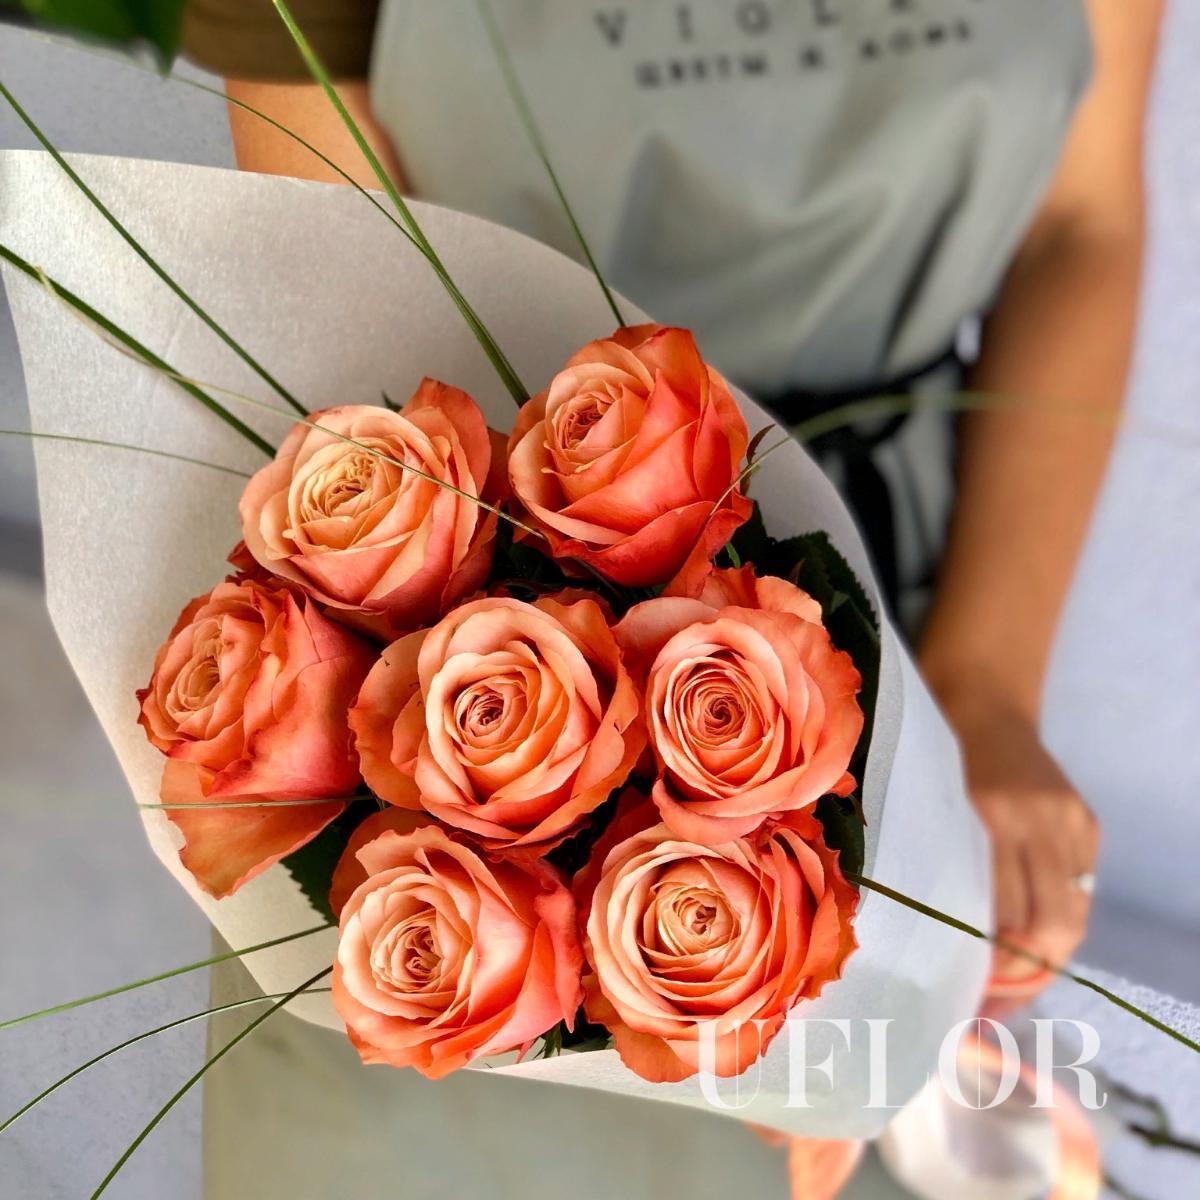 7 пионовидных персиковых роз Эквадор